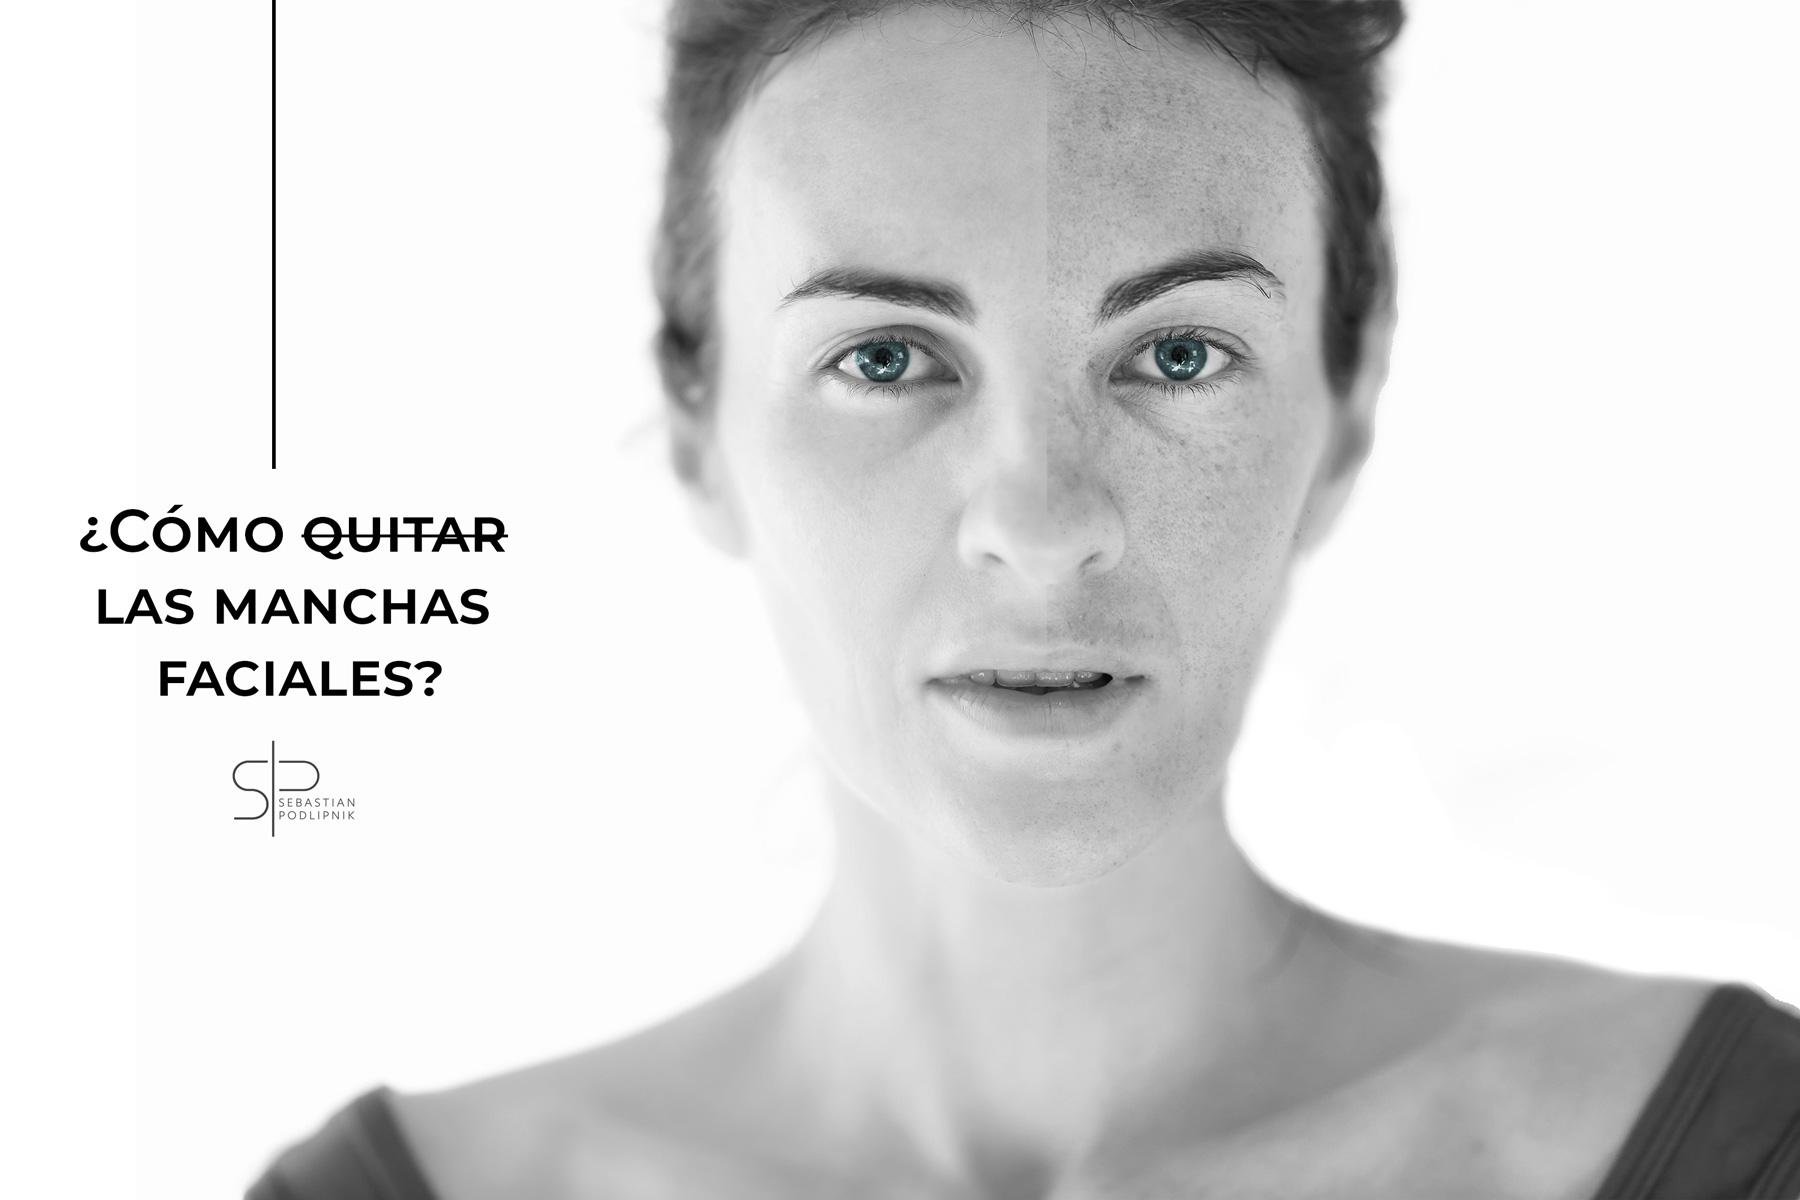 Portada de una post con un retrato de una mujer en blanco y negro que tiene manchas en la cara.